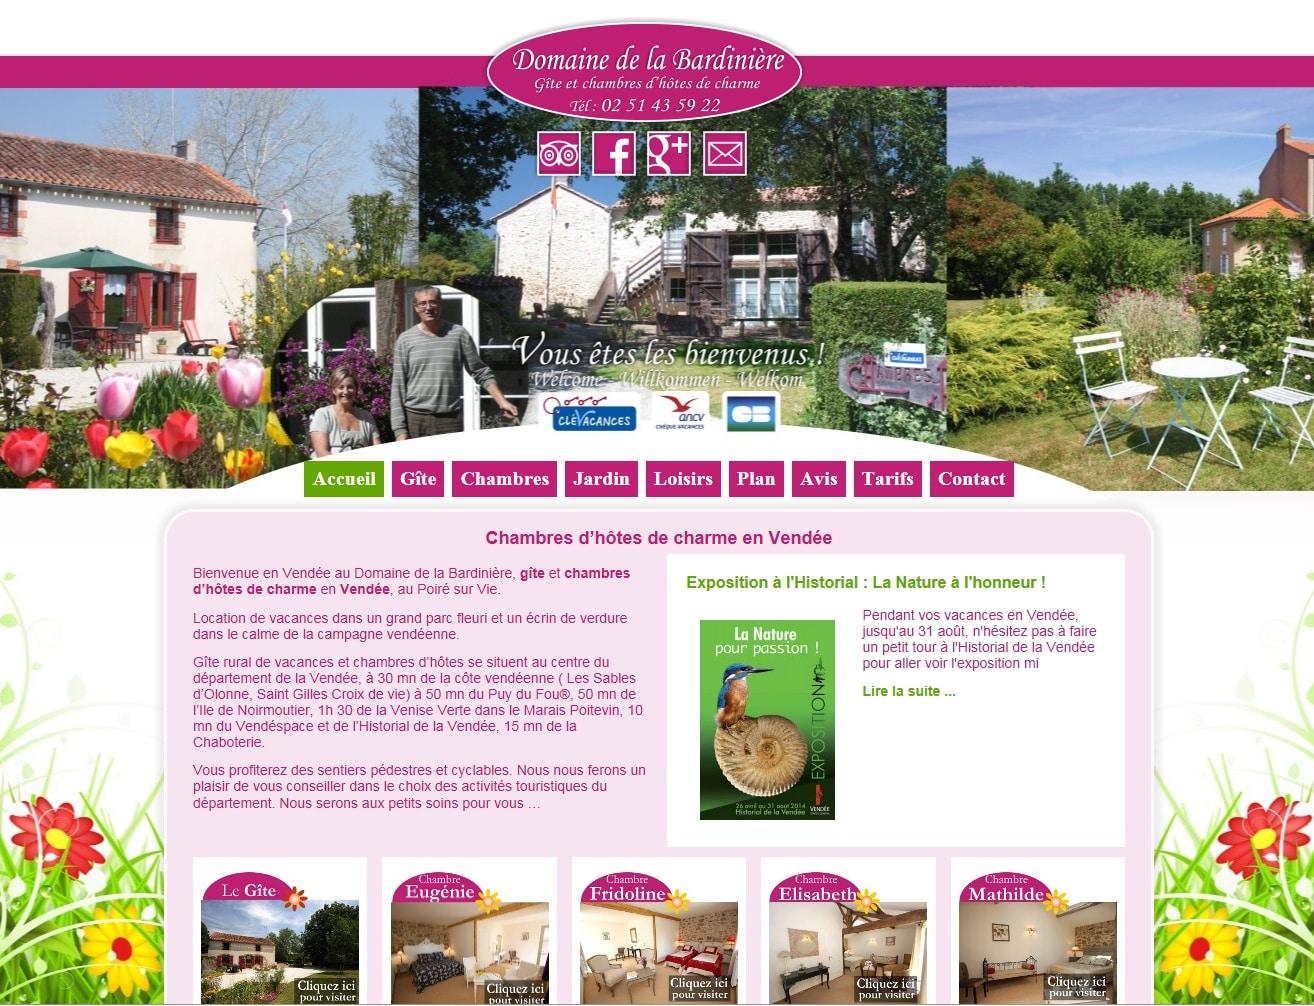 Création du site internet du Domaine de la Bardinière